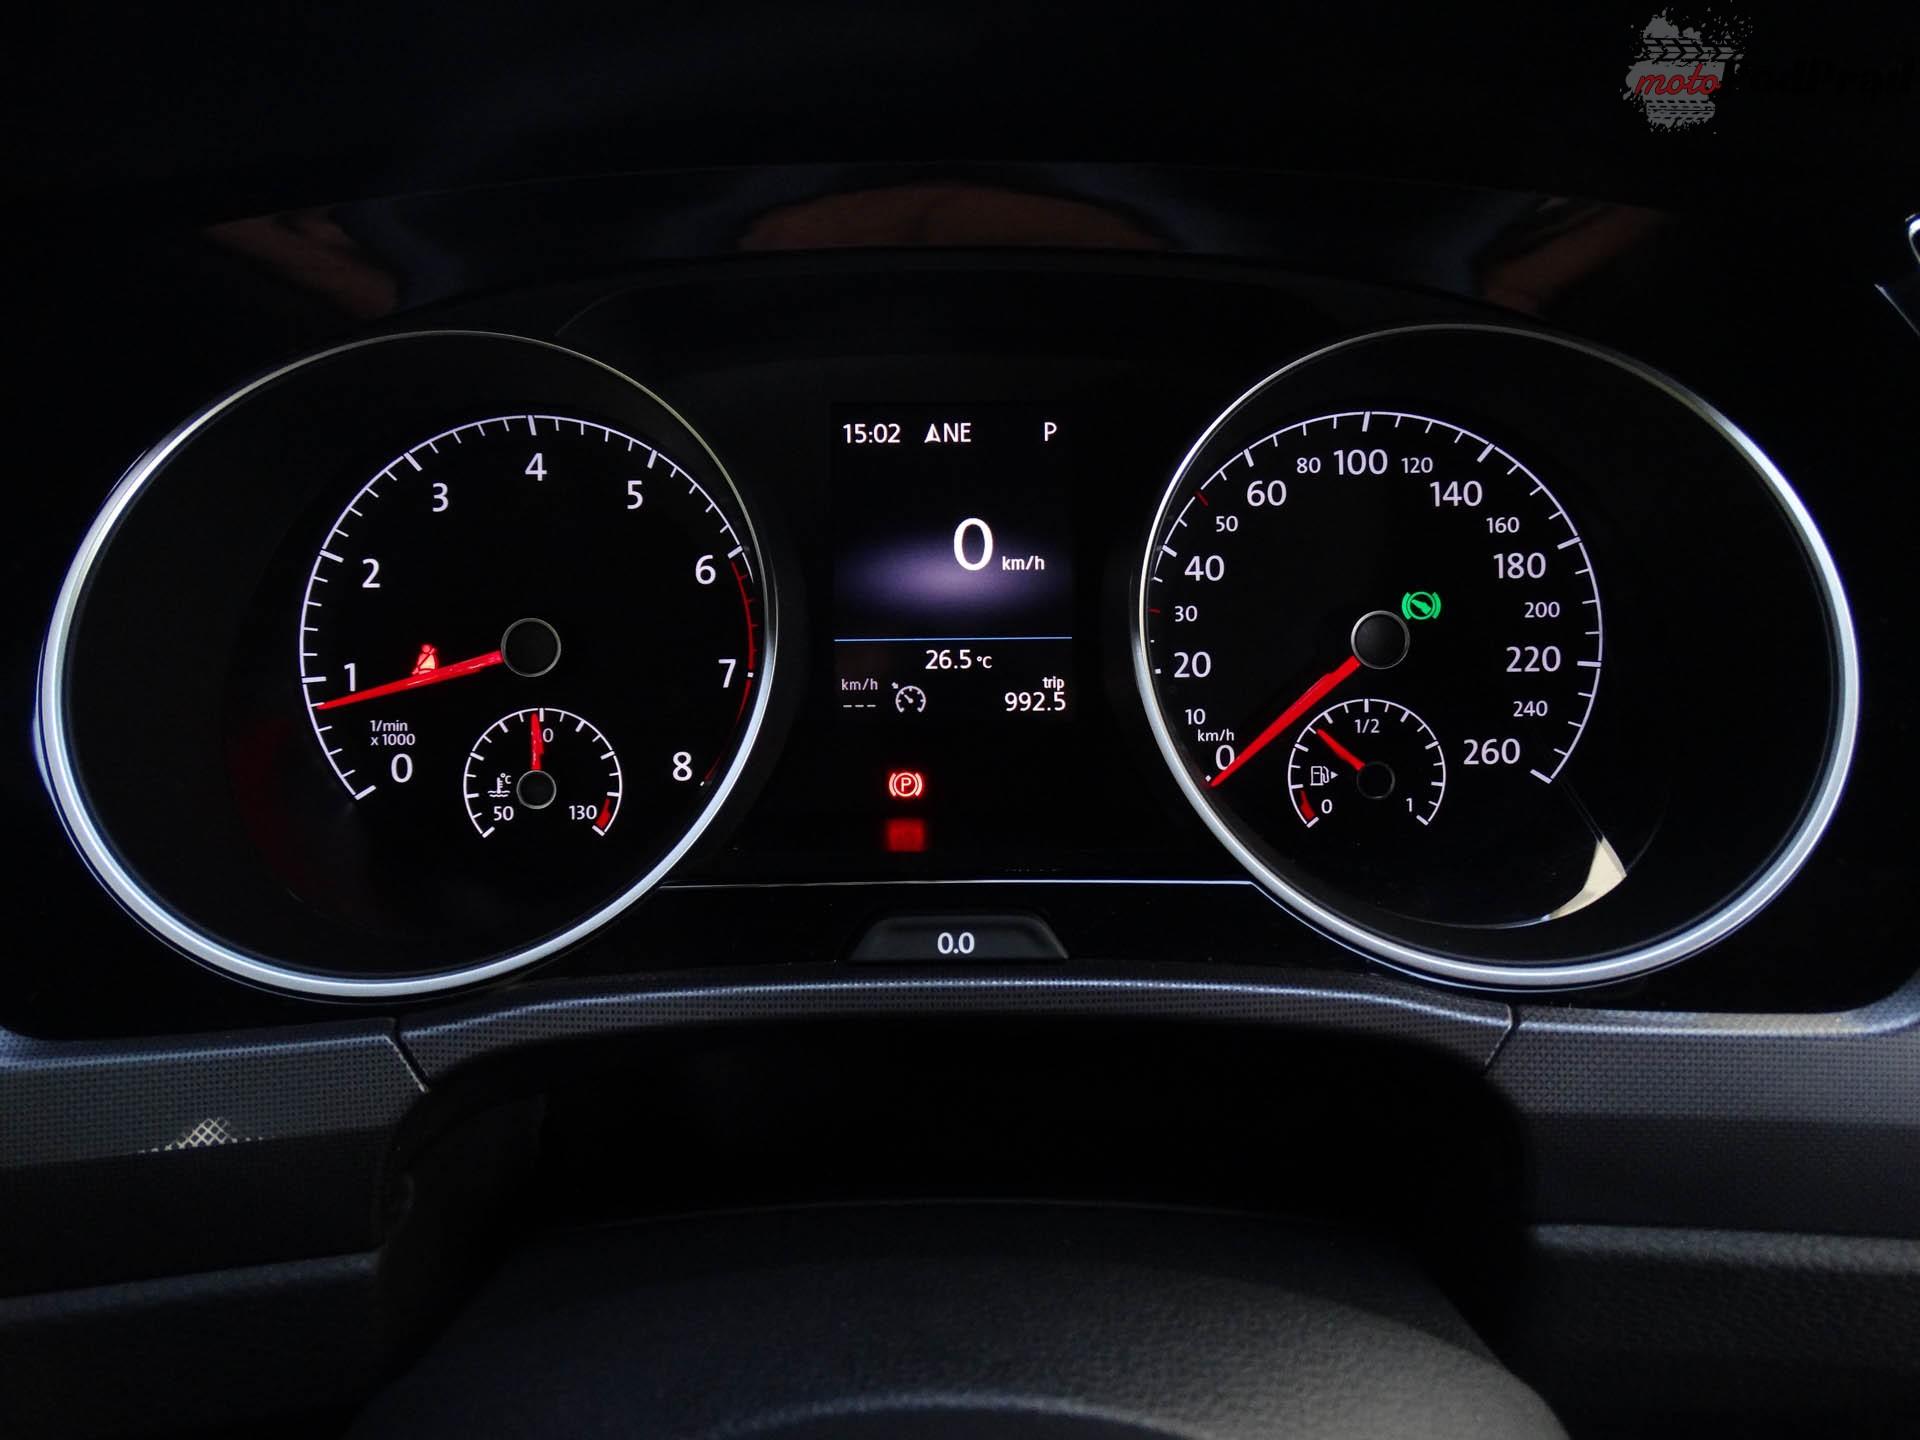 Volkswagen Touran 12 Test: Volkswagen Touran 1.8 TSI 180 KM   sportowy van